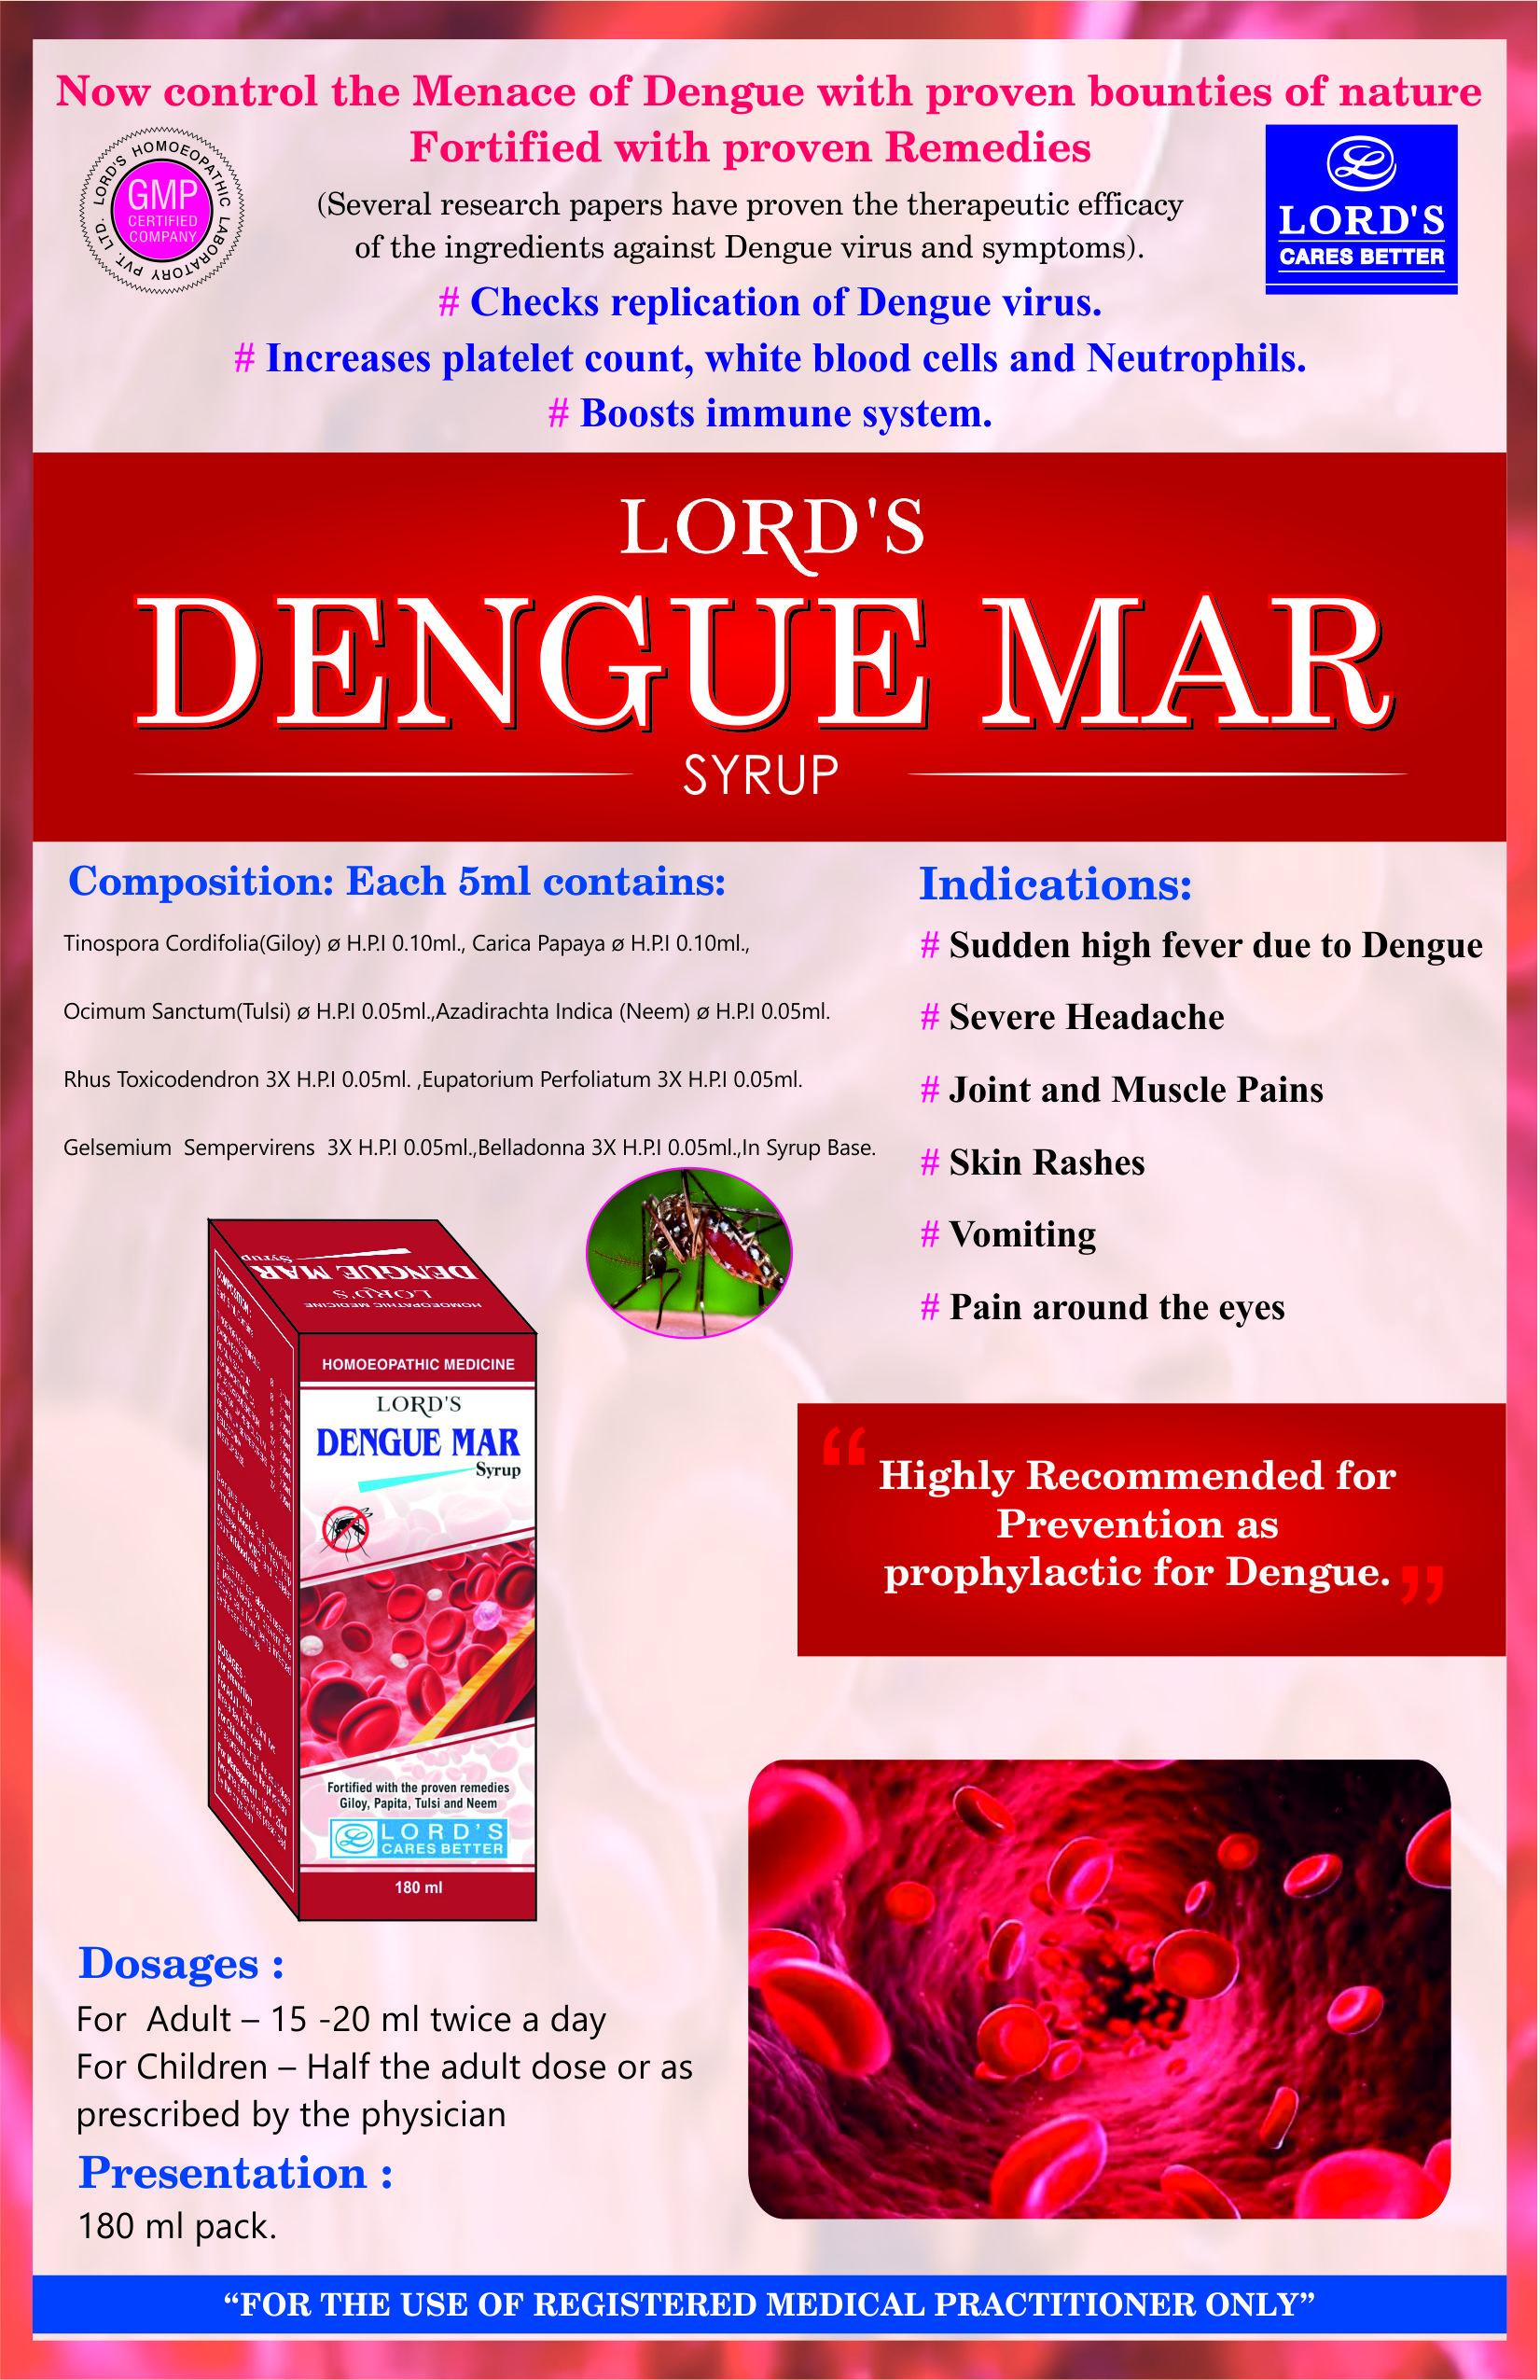 Homeopathy Medicine For Dengue Fever